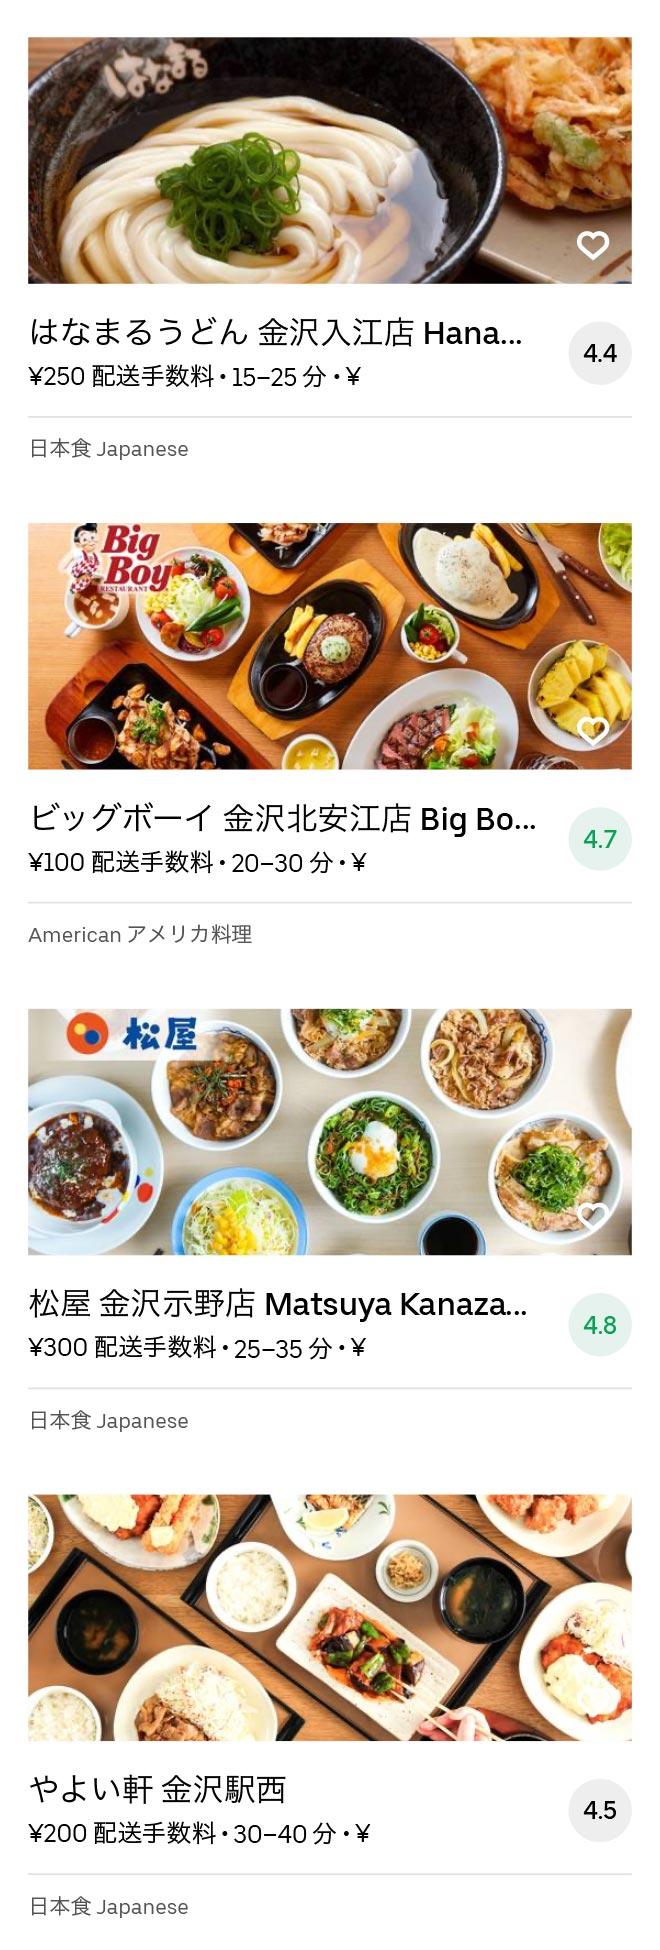 Kanazawa menu 2009 04